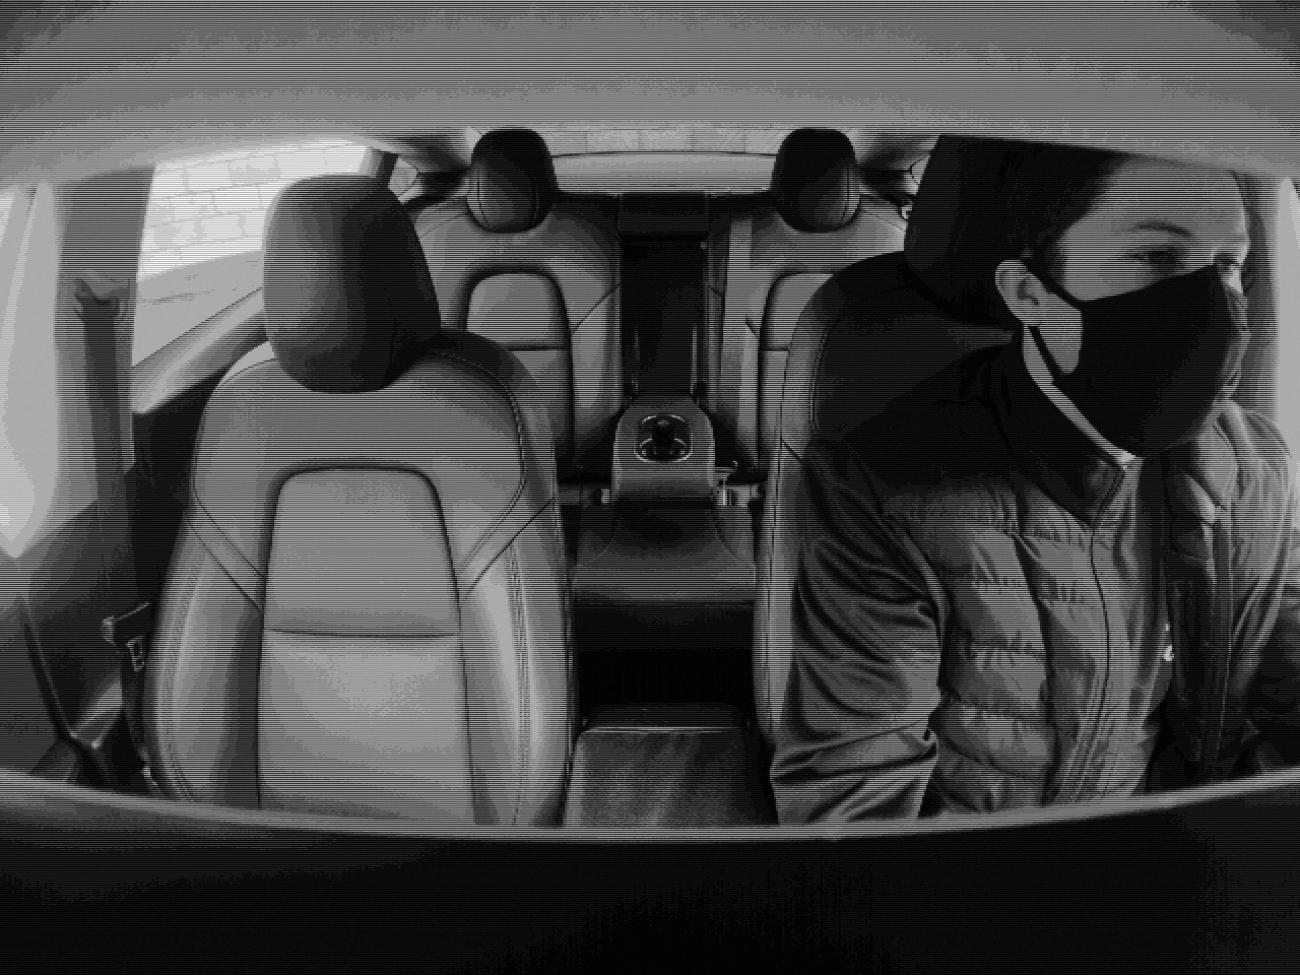 Tesla начала использовать камеры в салонах машин для контроля водителя при работающем автопилоте